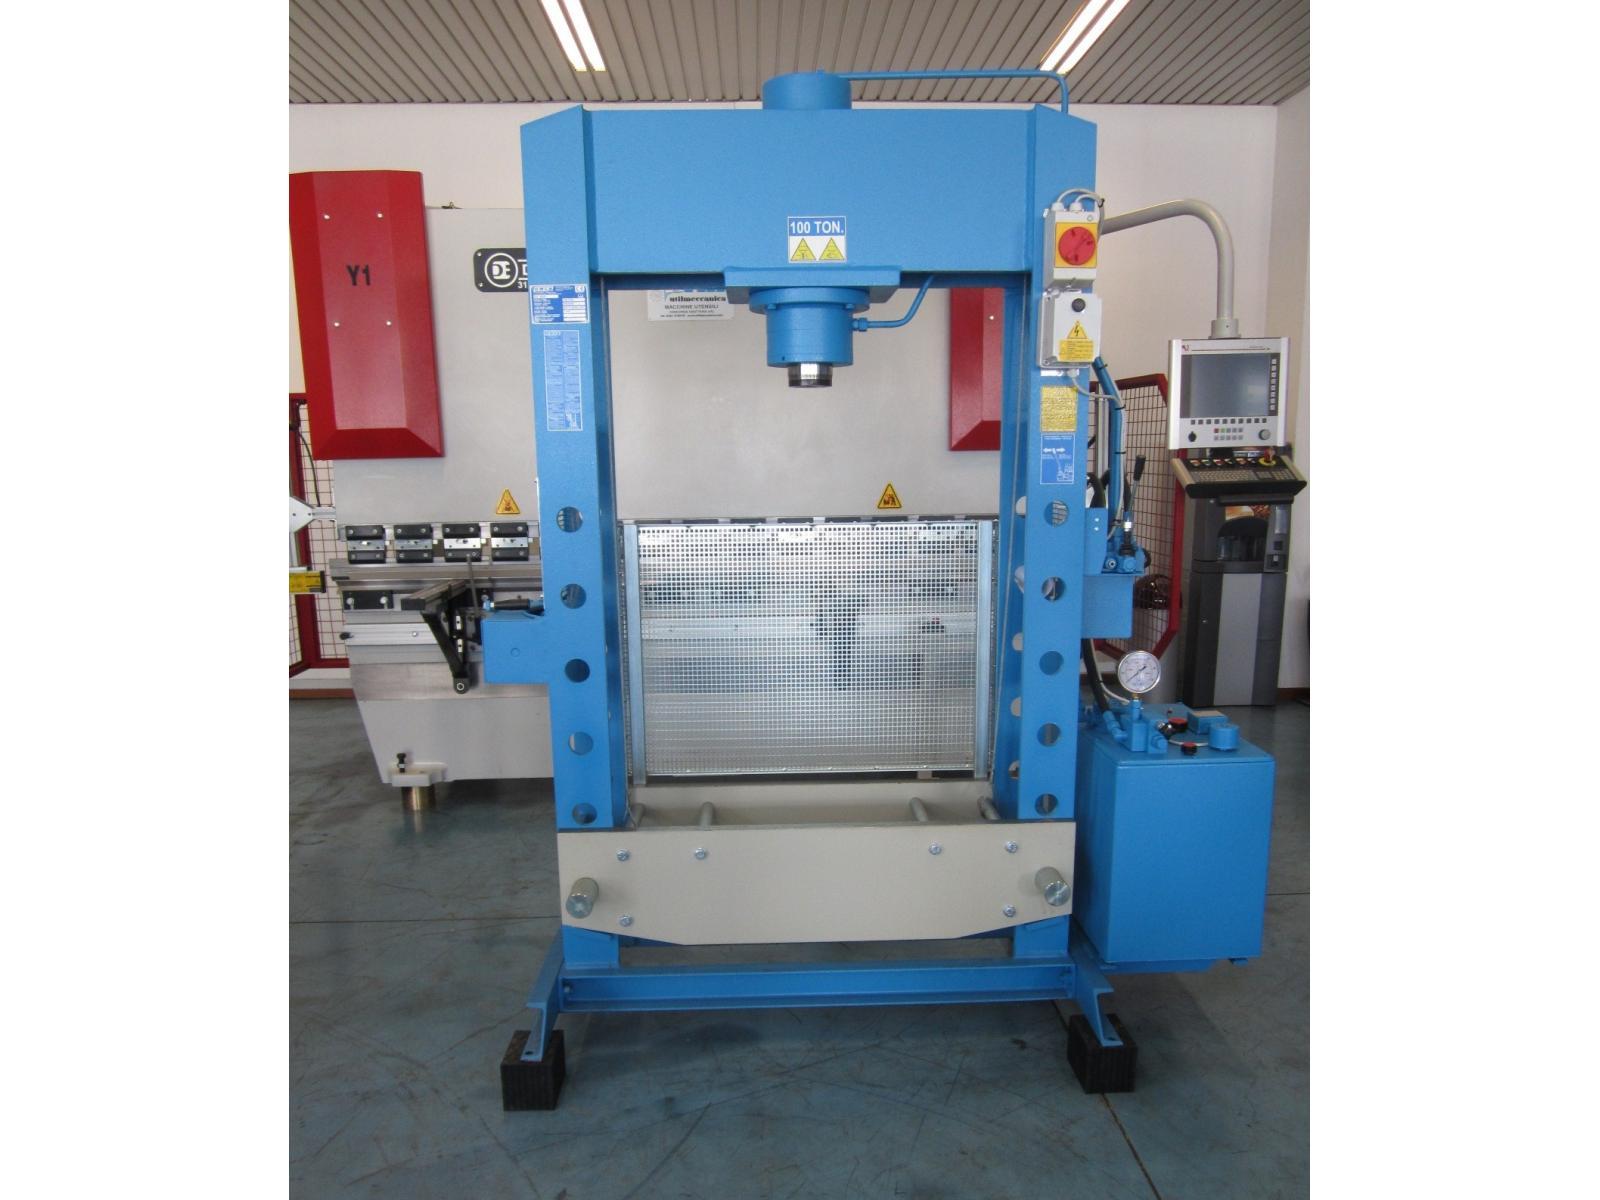 Pressa per officina 100 ton omcn 164 r for Presse idrauliche usate per officina